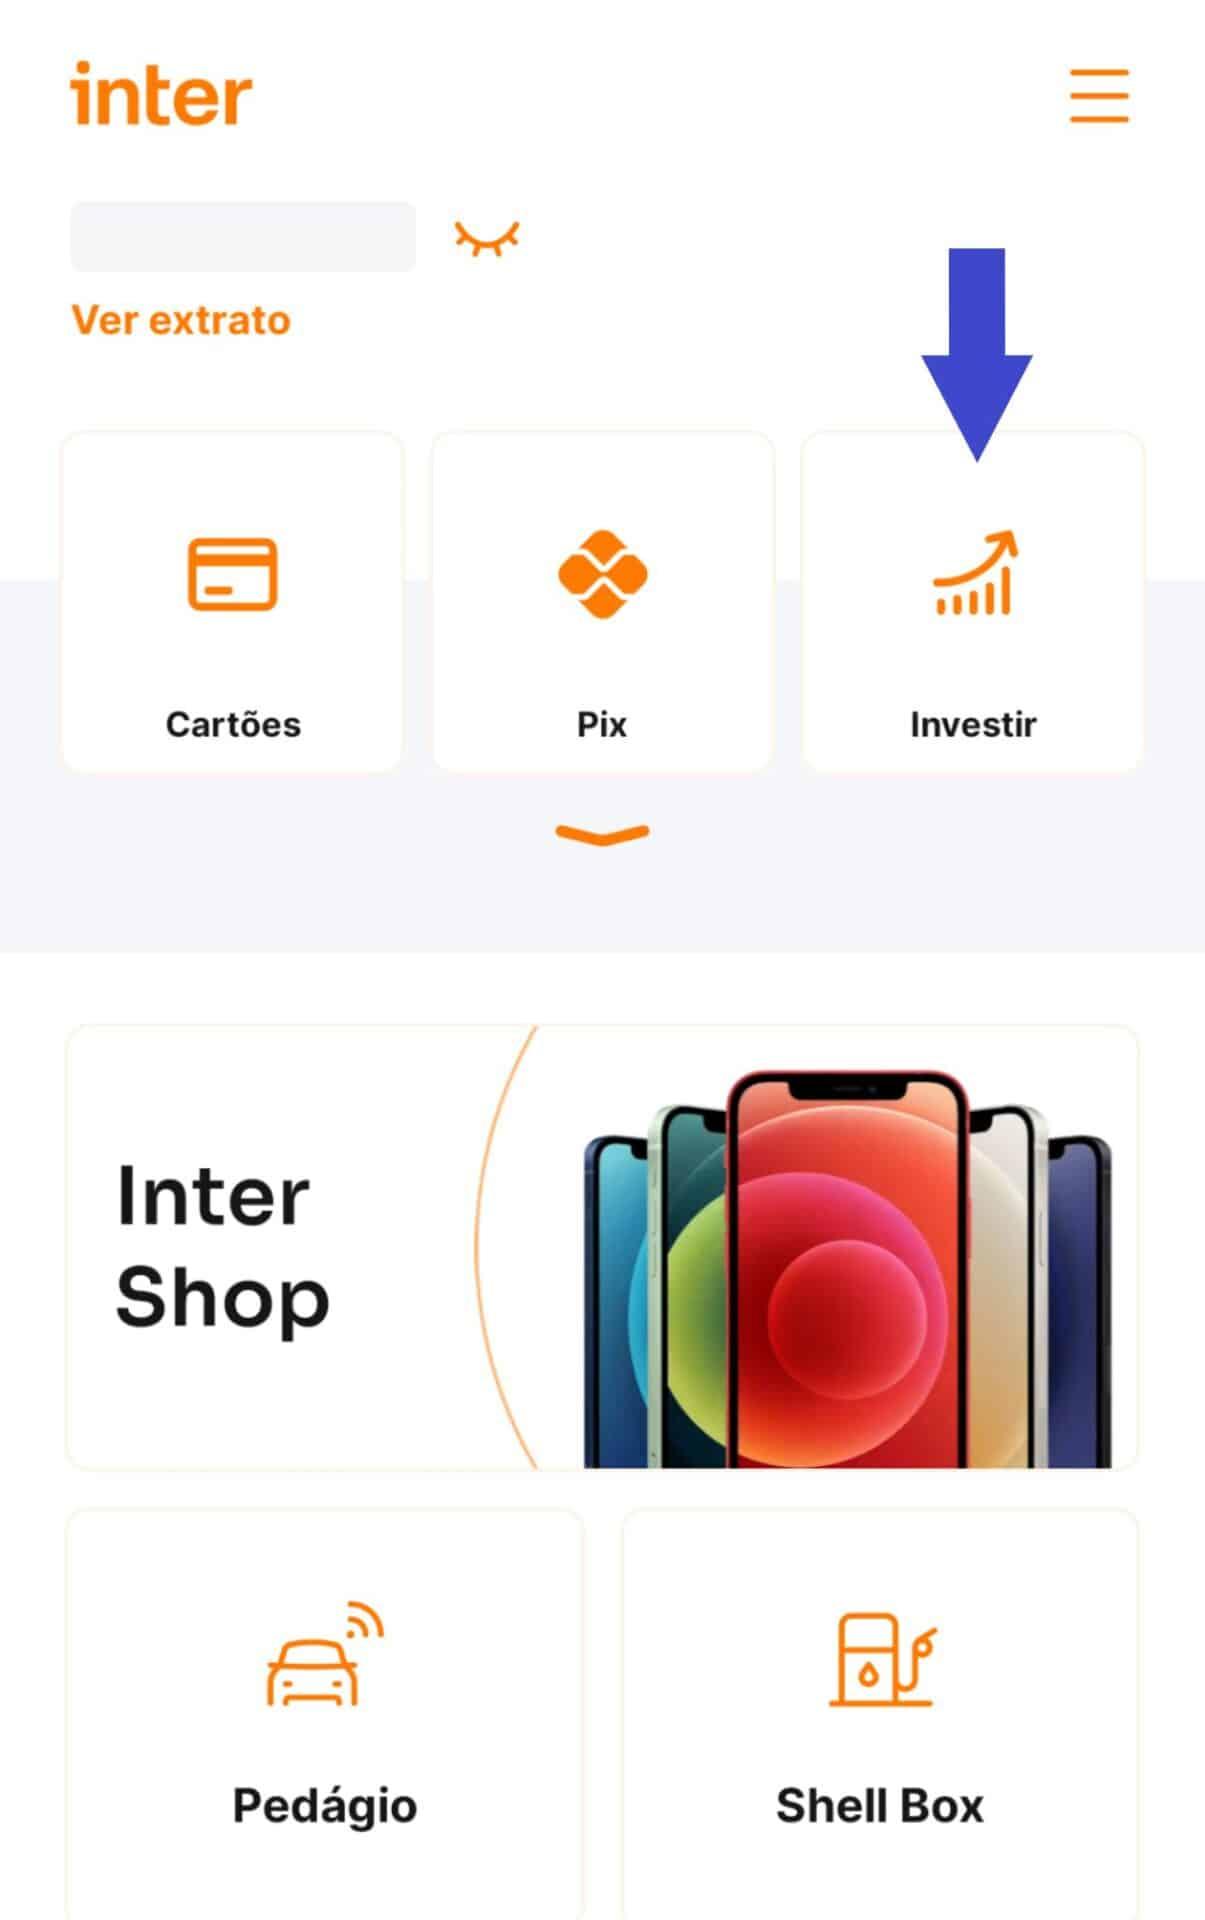 captura da tela inicial do app banco inter